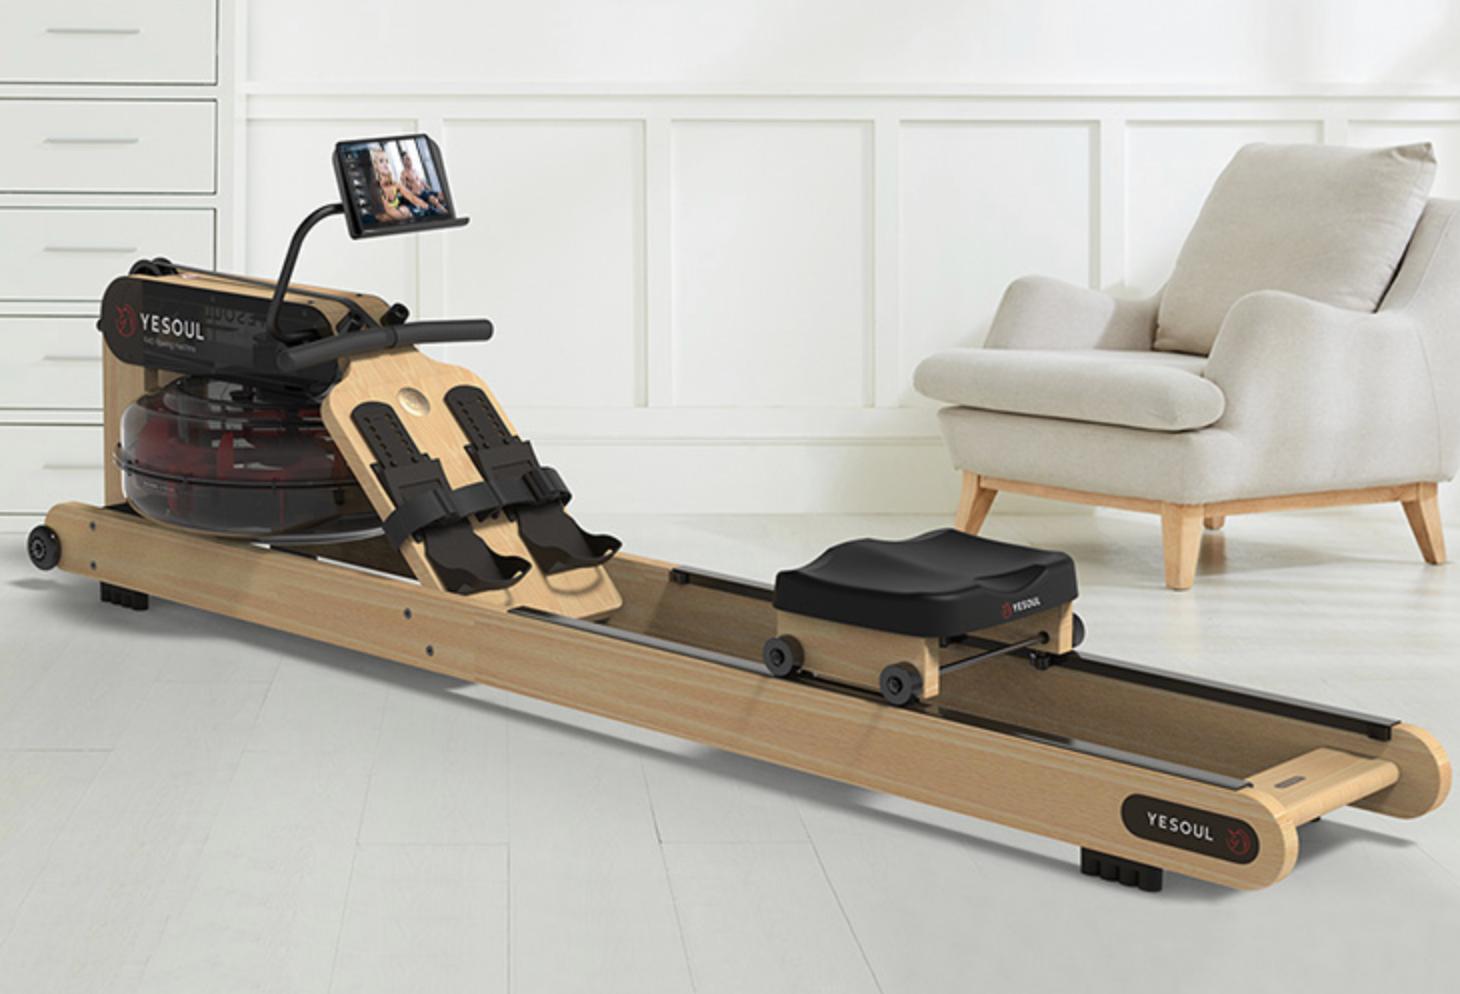 野小兽R40划船机深度测评:老罗刘涛都推荐的居家室内运动必备